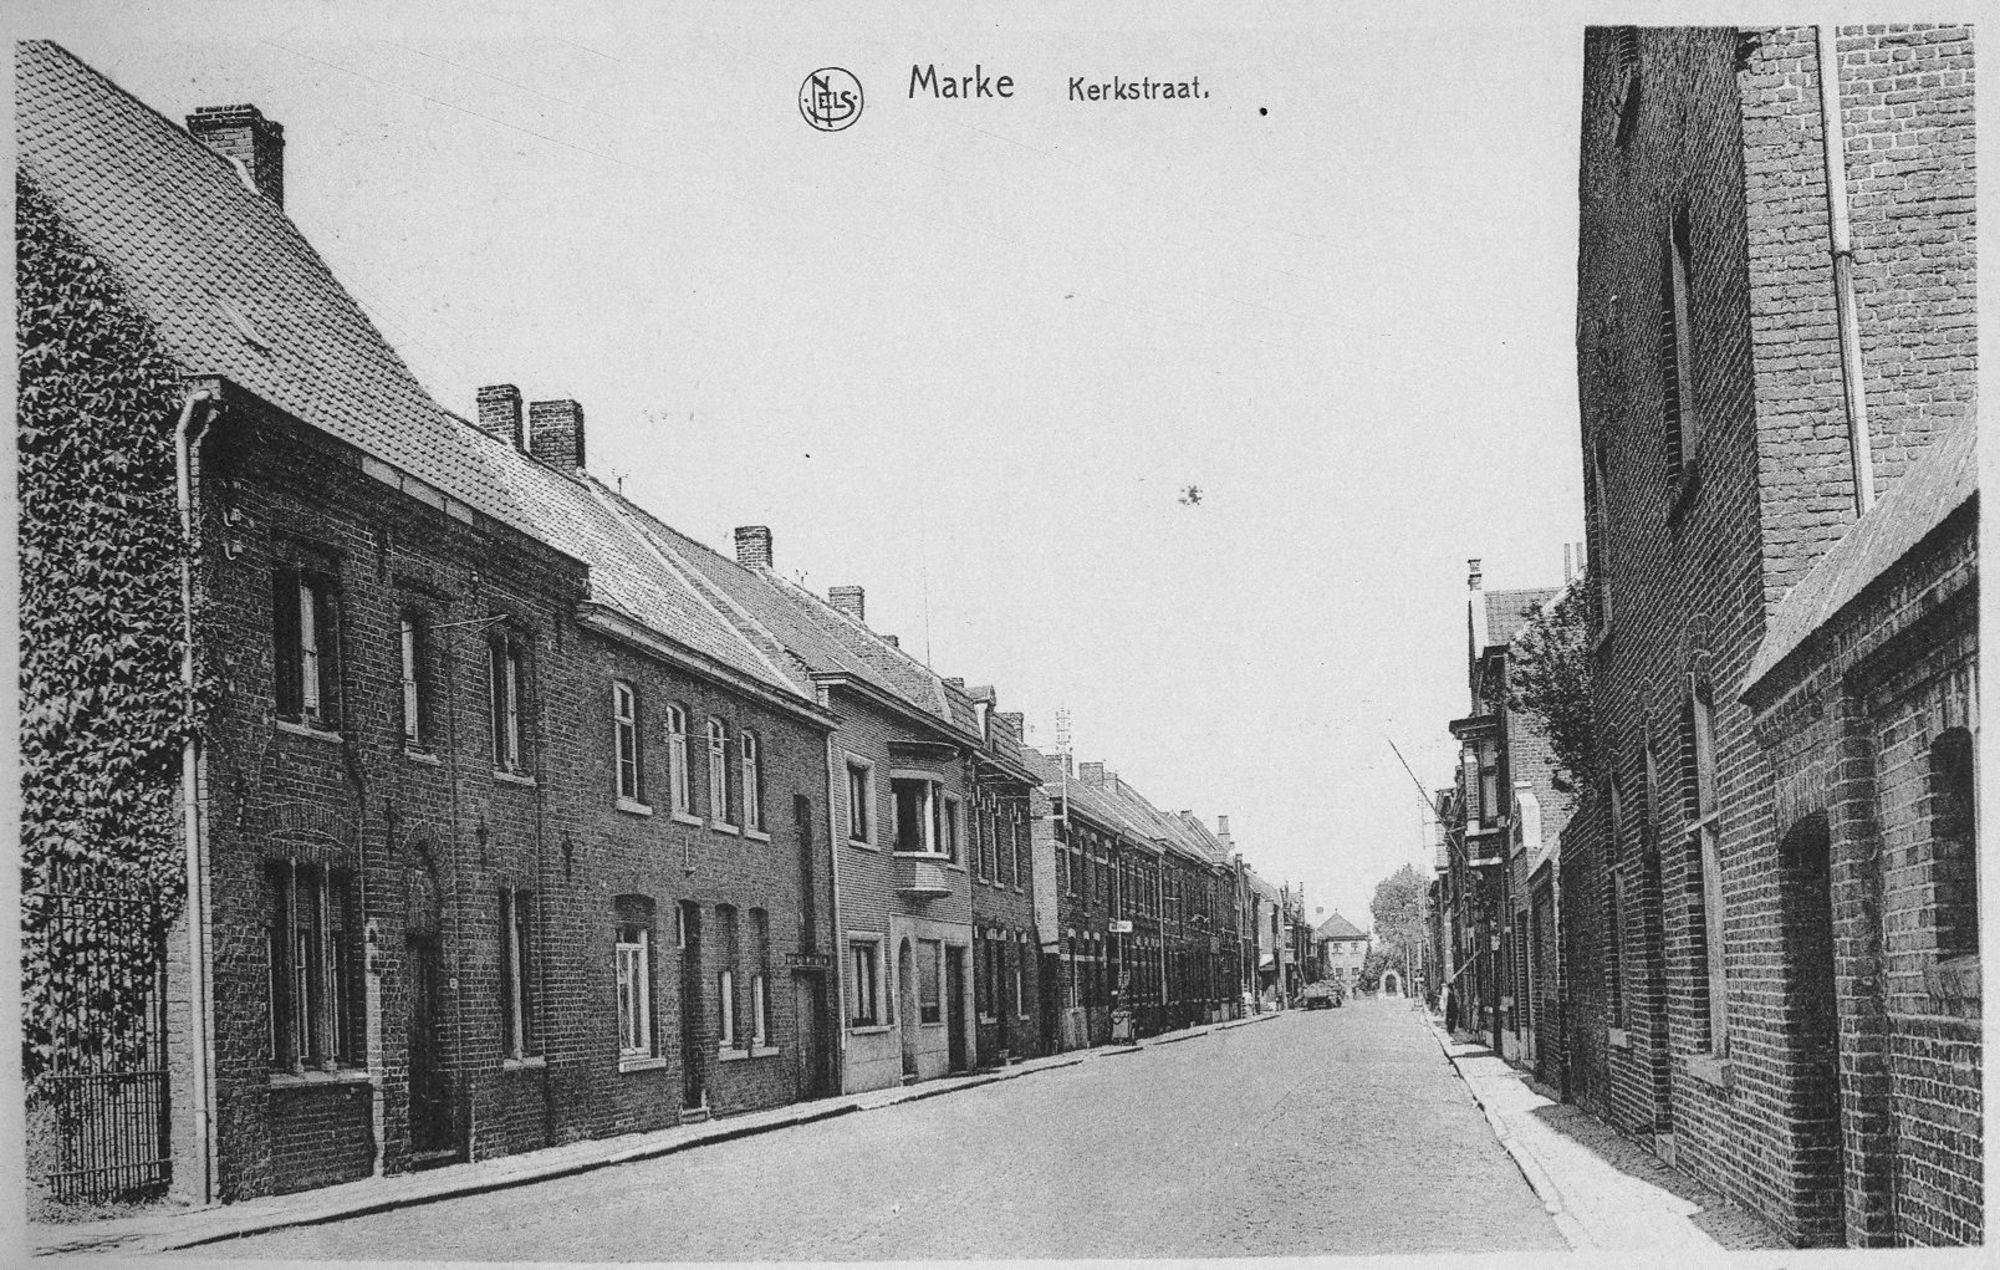 Kerkstraat, Marke